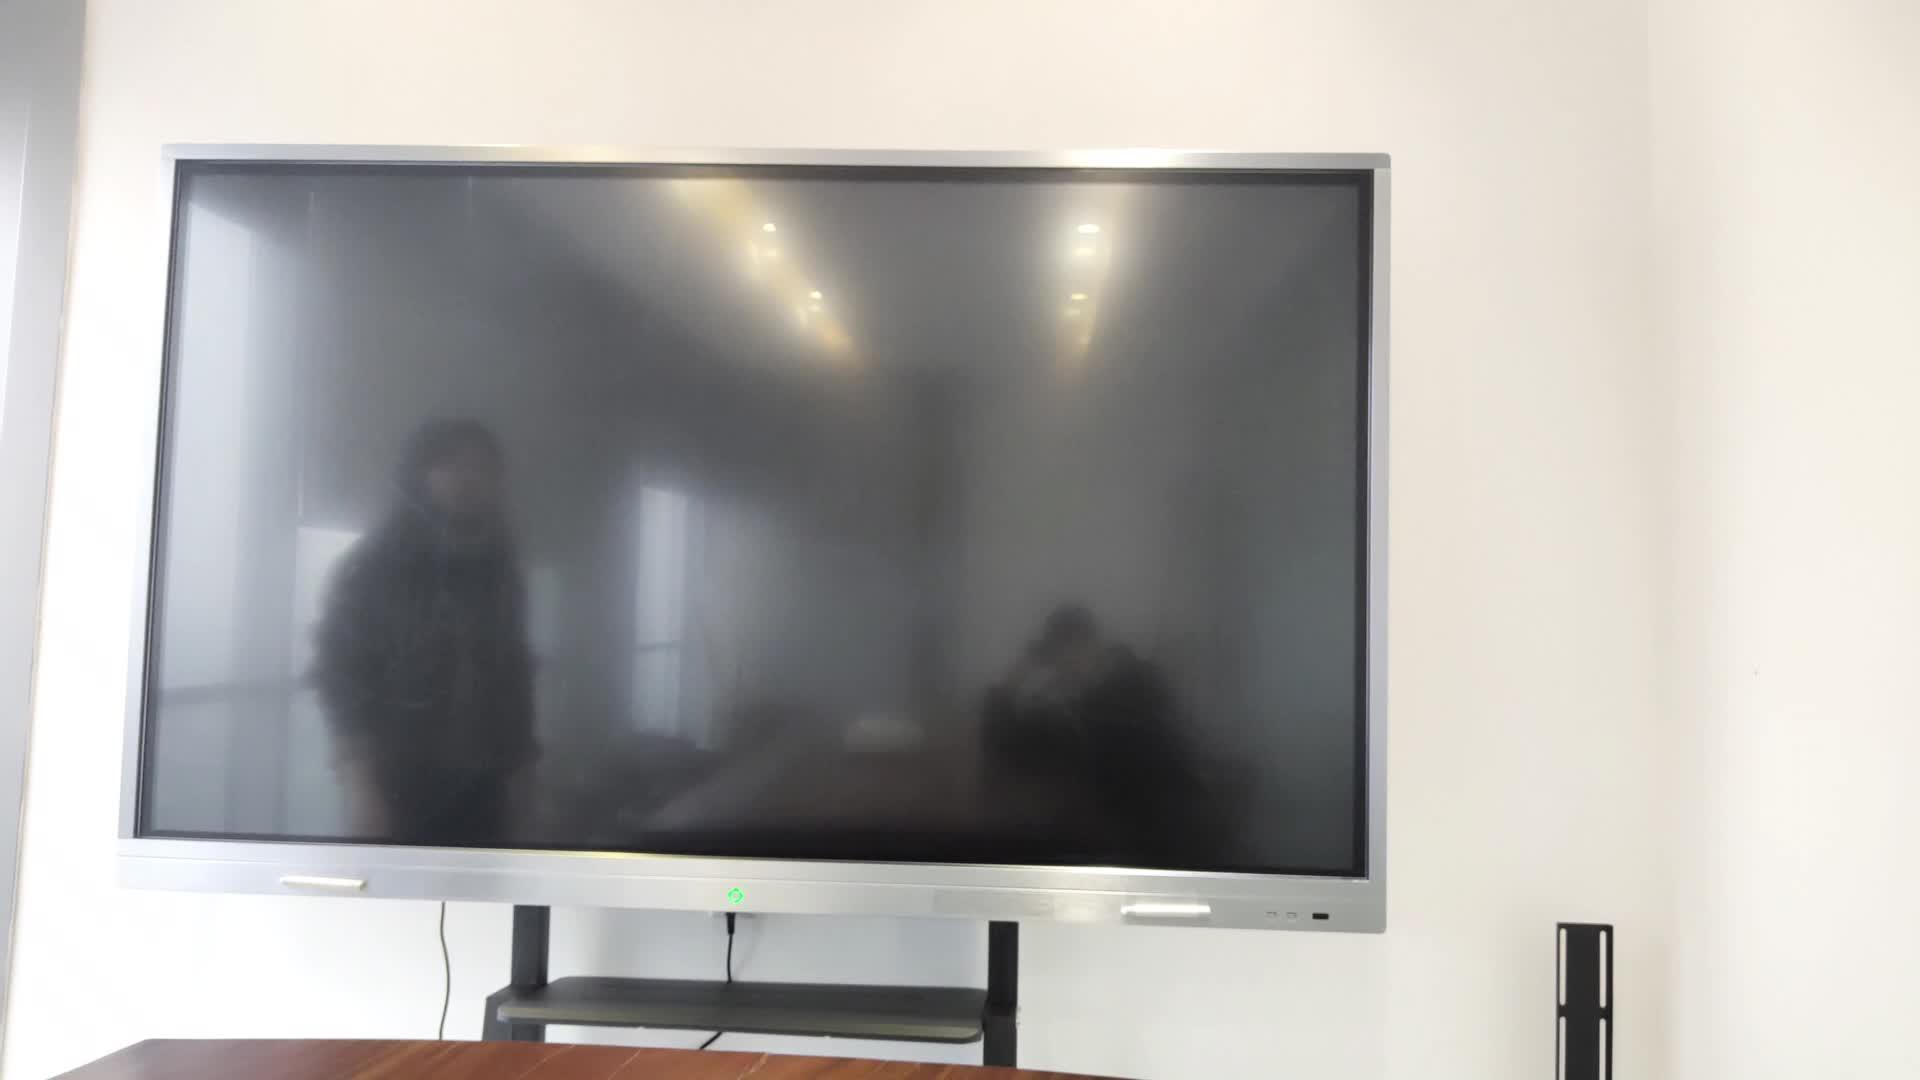 จอแสดงผล LCD BOARD Finger TOUCH Interactive White BOARD 55 นิ้ว Smart TV ไวท์บอร์ด